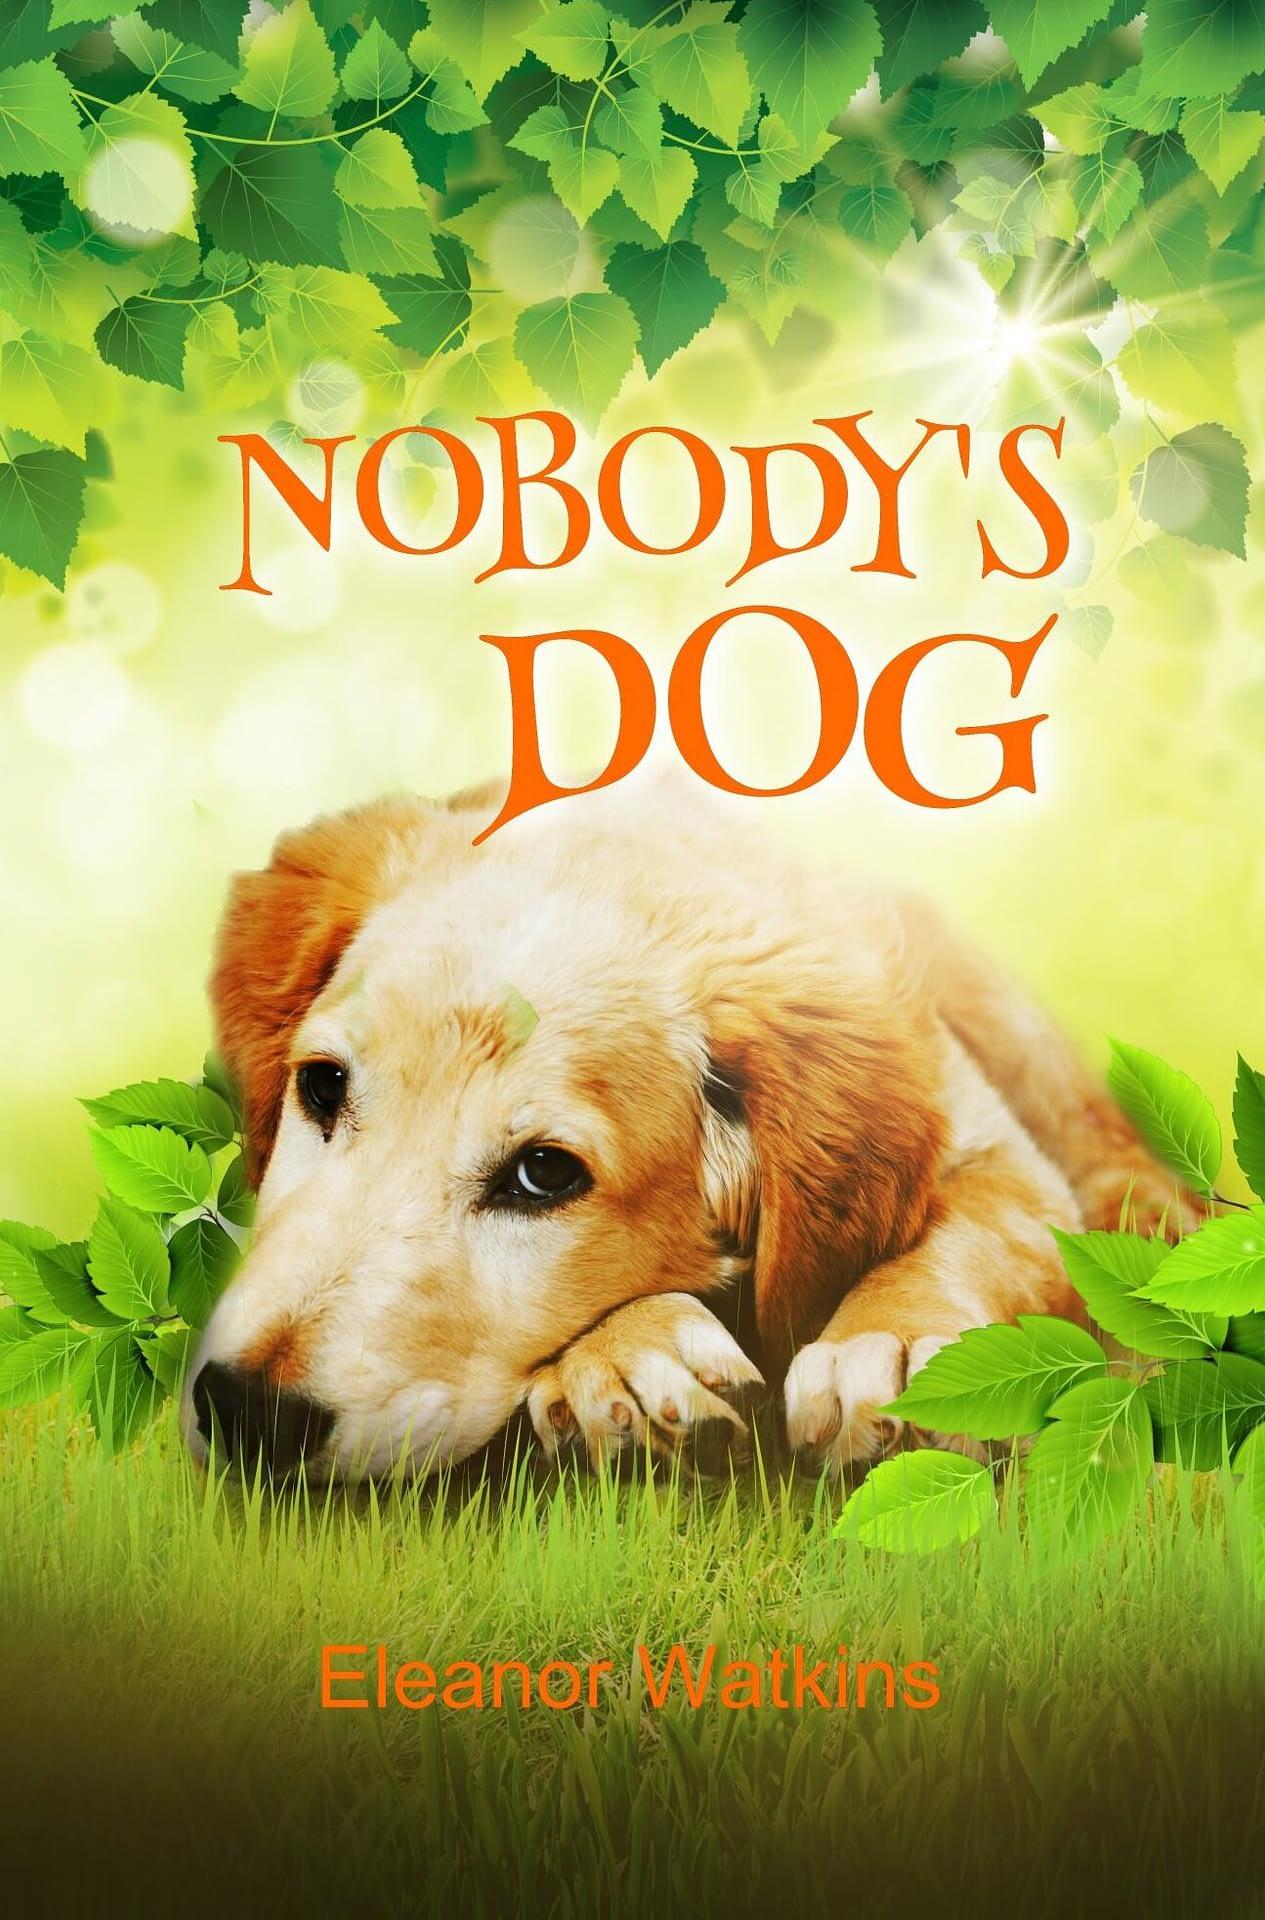 Nobodys Dog